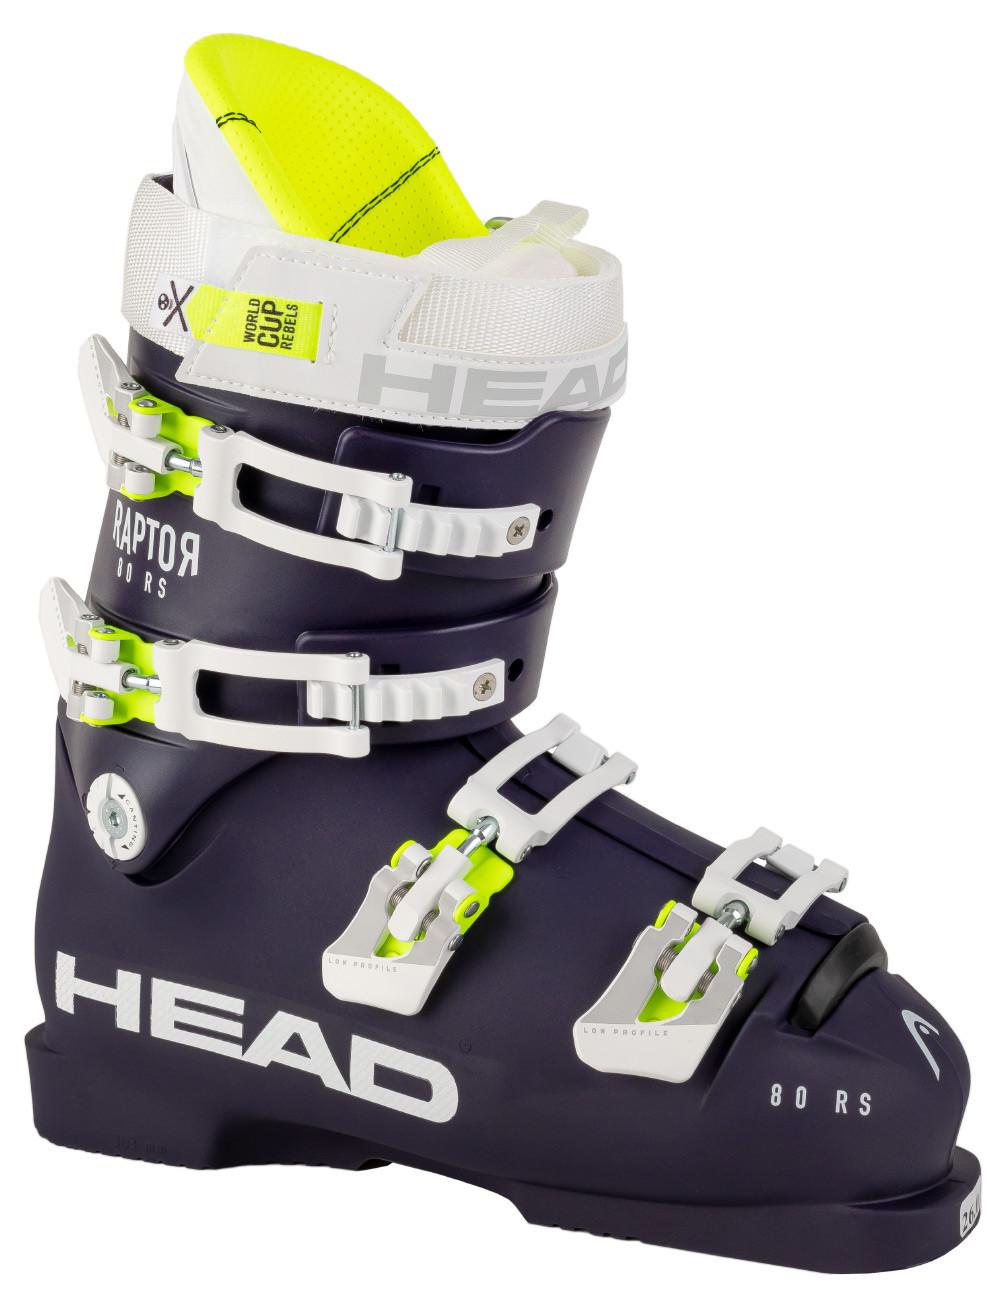 Buty narciarskie POWYSTAWOWE Head RAPTOR 80 RS W